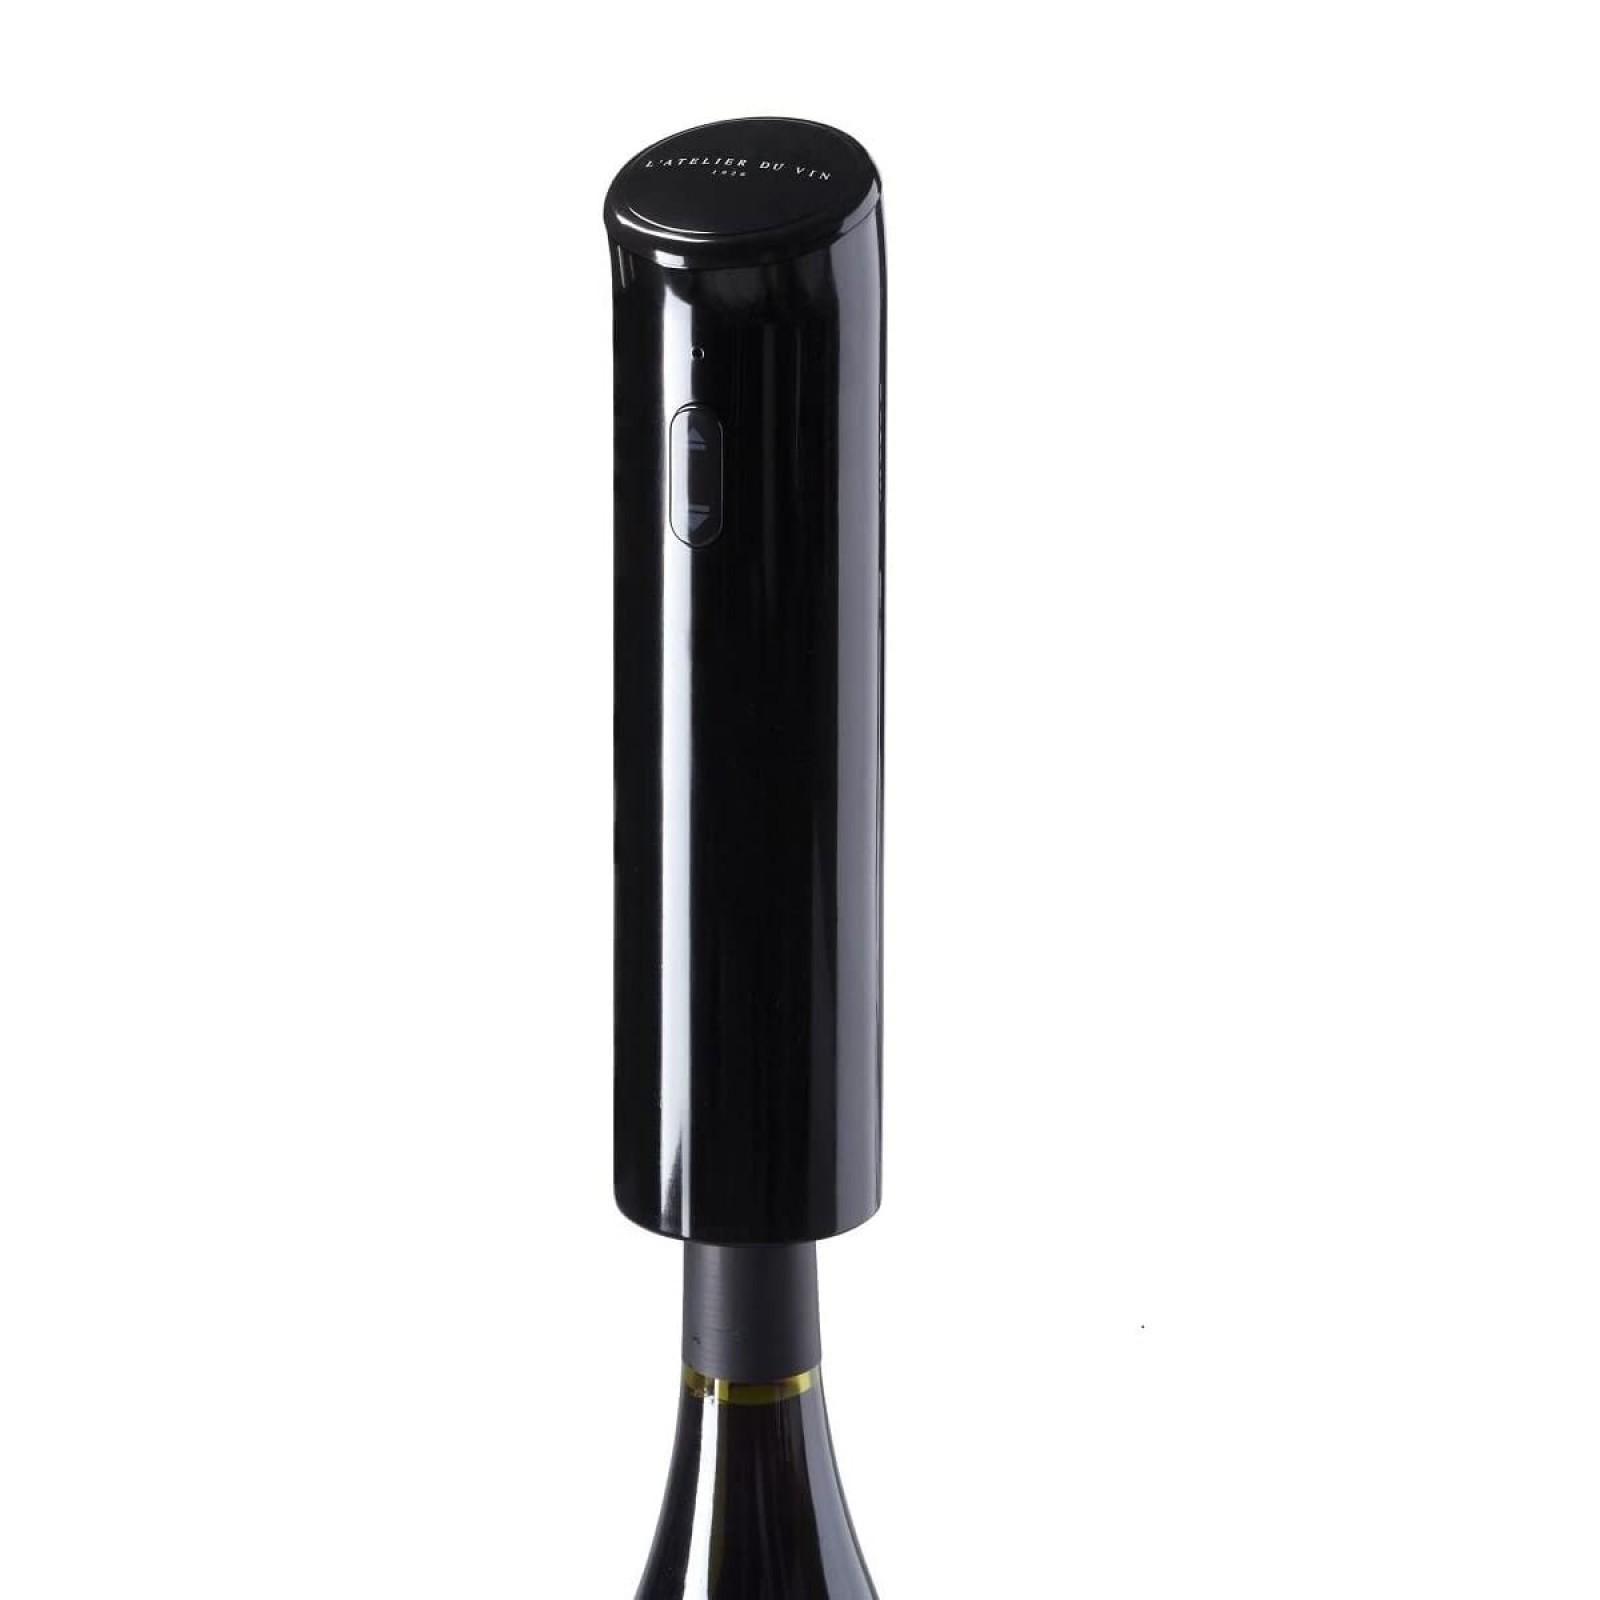 Ηλεκτρικό Επαναφορτιζόμενο Ανοιχτήρι Κρασιού Electric Barman - L' Atelier du Vin